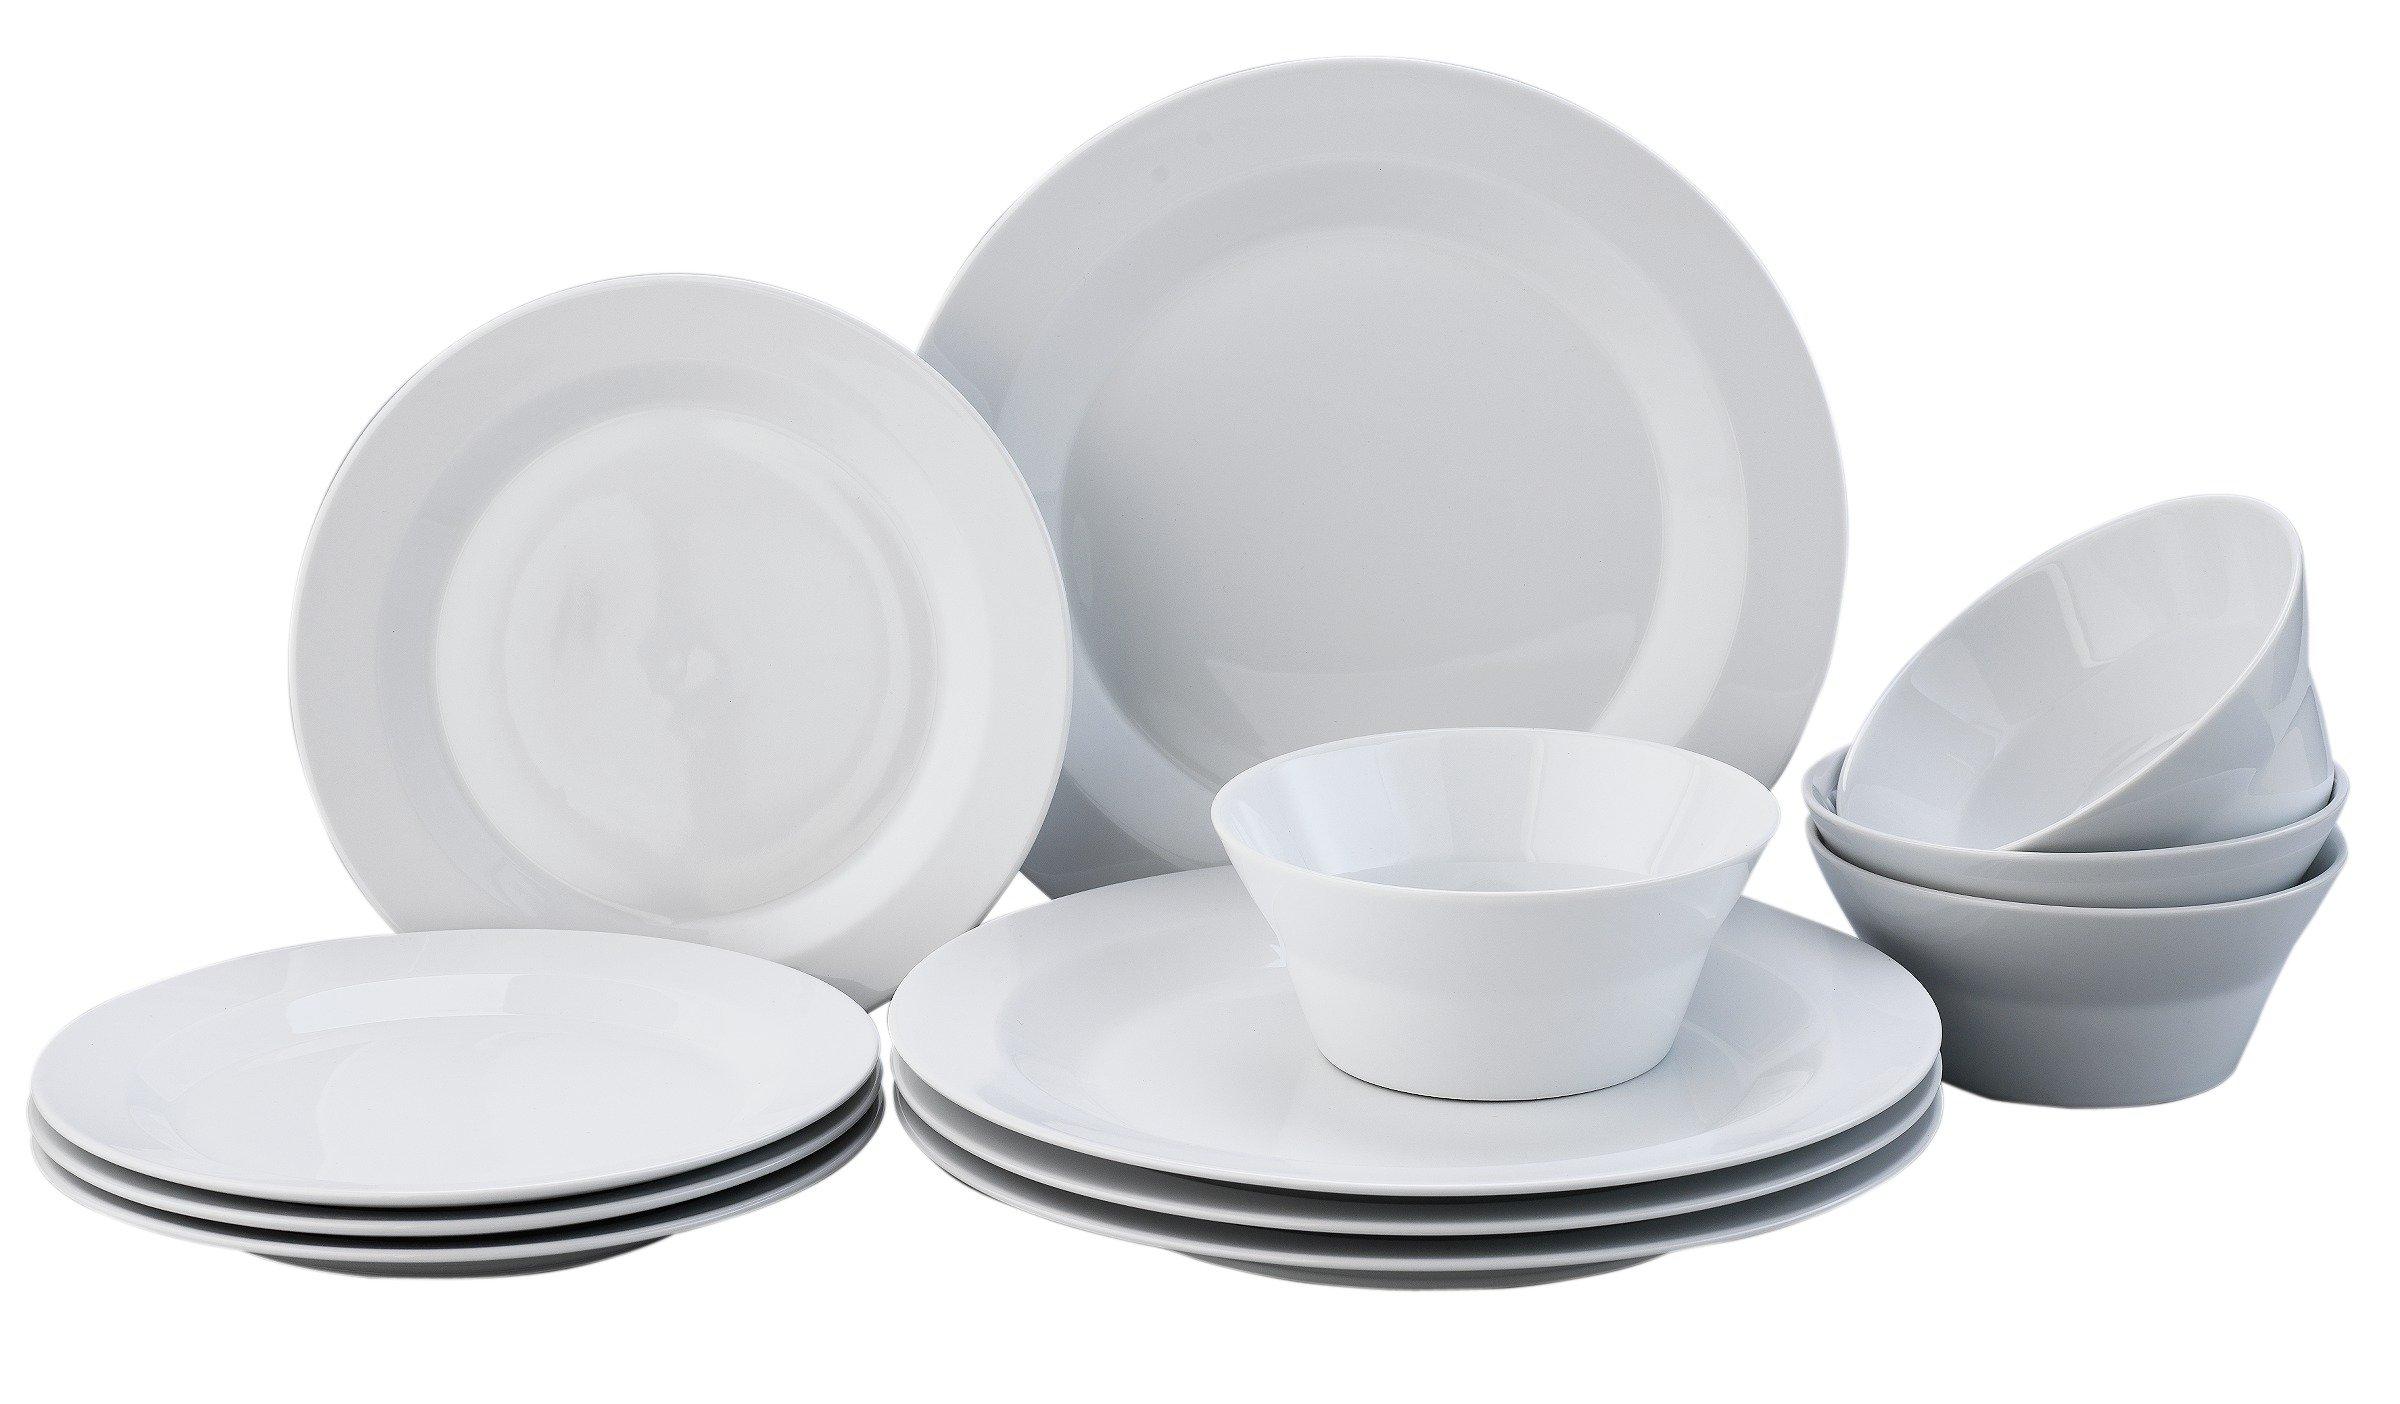 SALE on Denby James Martin 12 Piece Porcelain Dinner Set ...